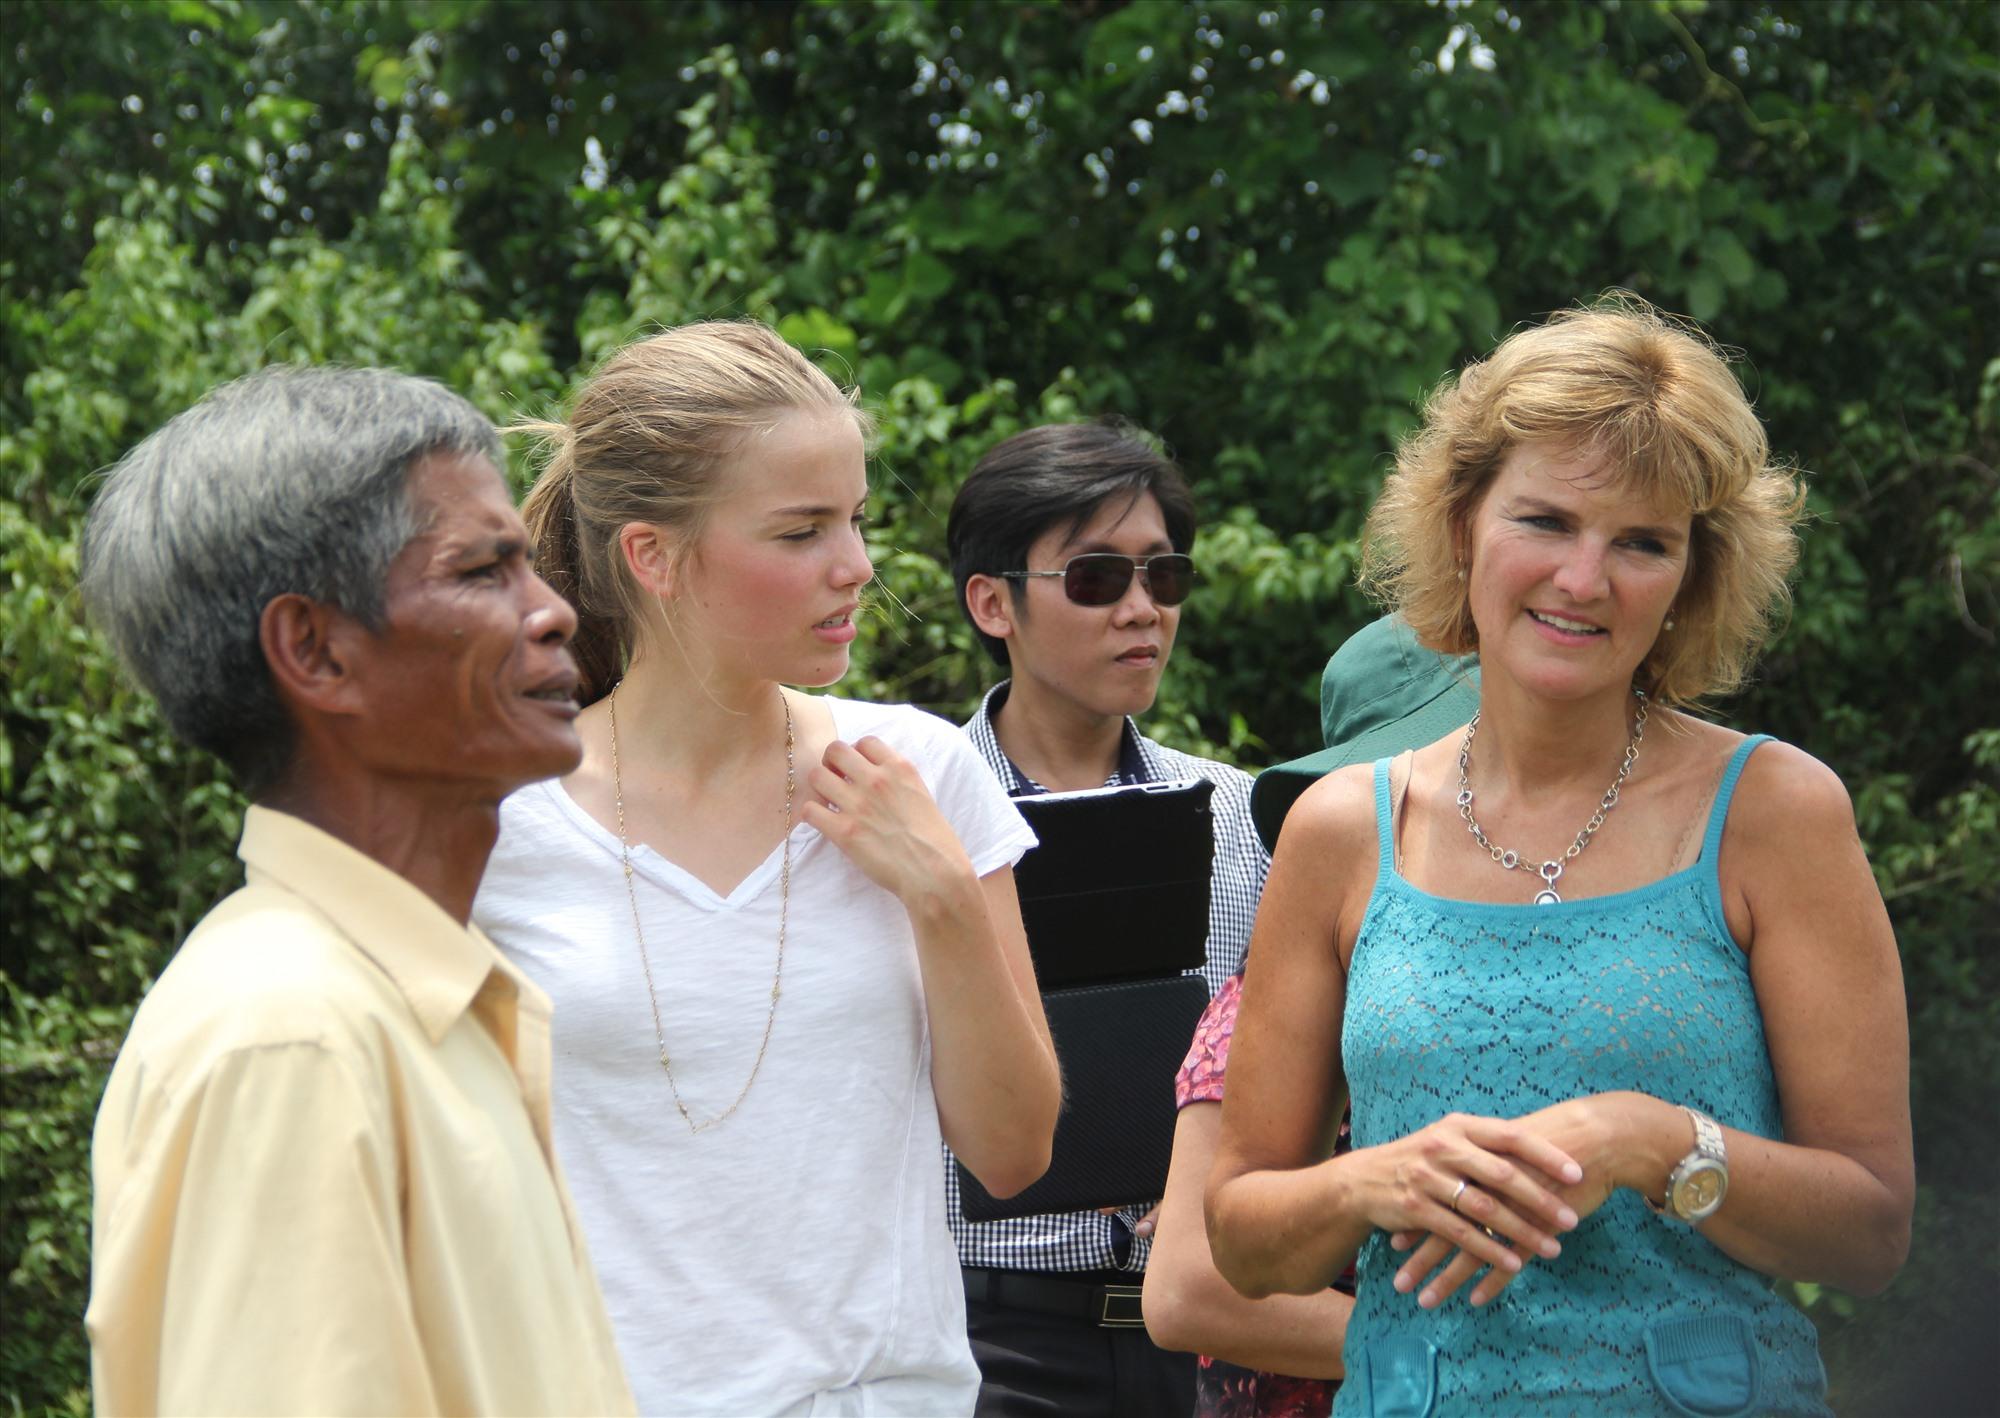 Bà Annette Herfkens gặp lại ân nhân của mình tại Ô Kha. Ảnh: TRẦN ĐĂNG